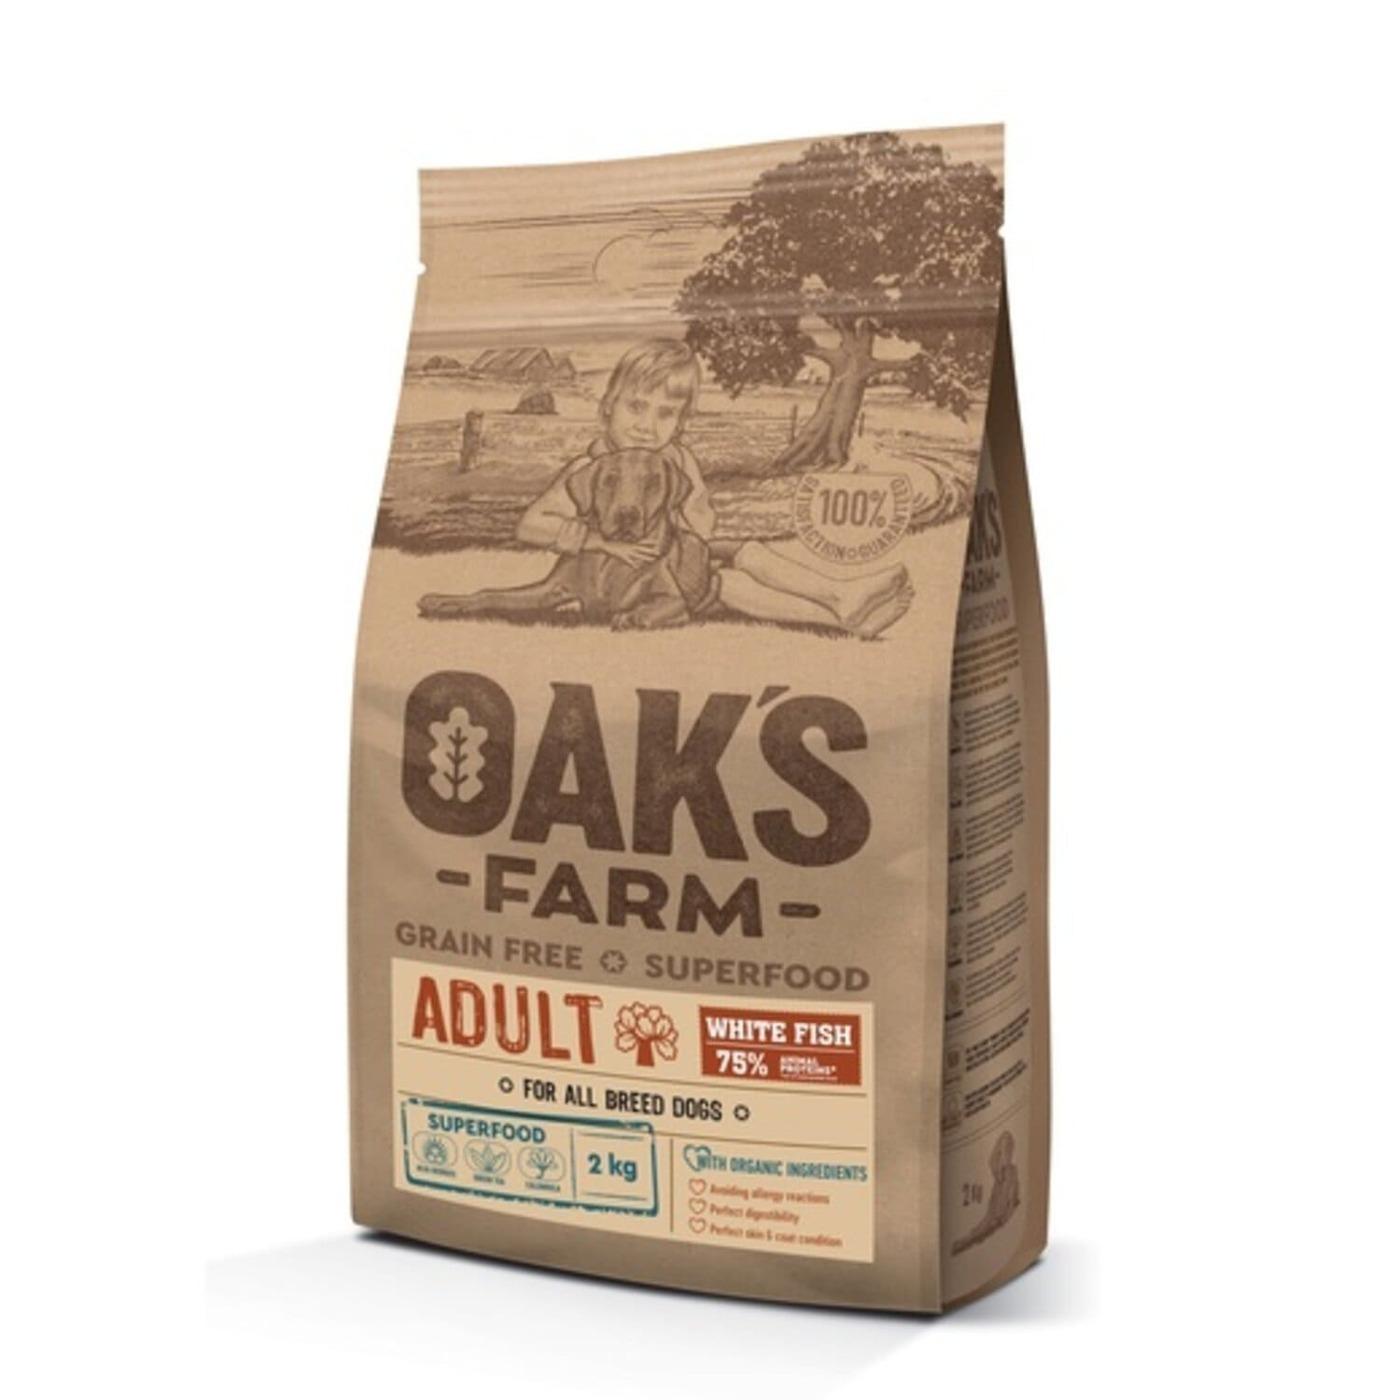 Oaks Farm GF сухой корм для собак всех пород, белая рыба 2 кг